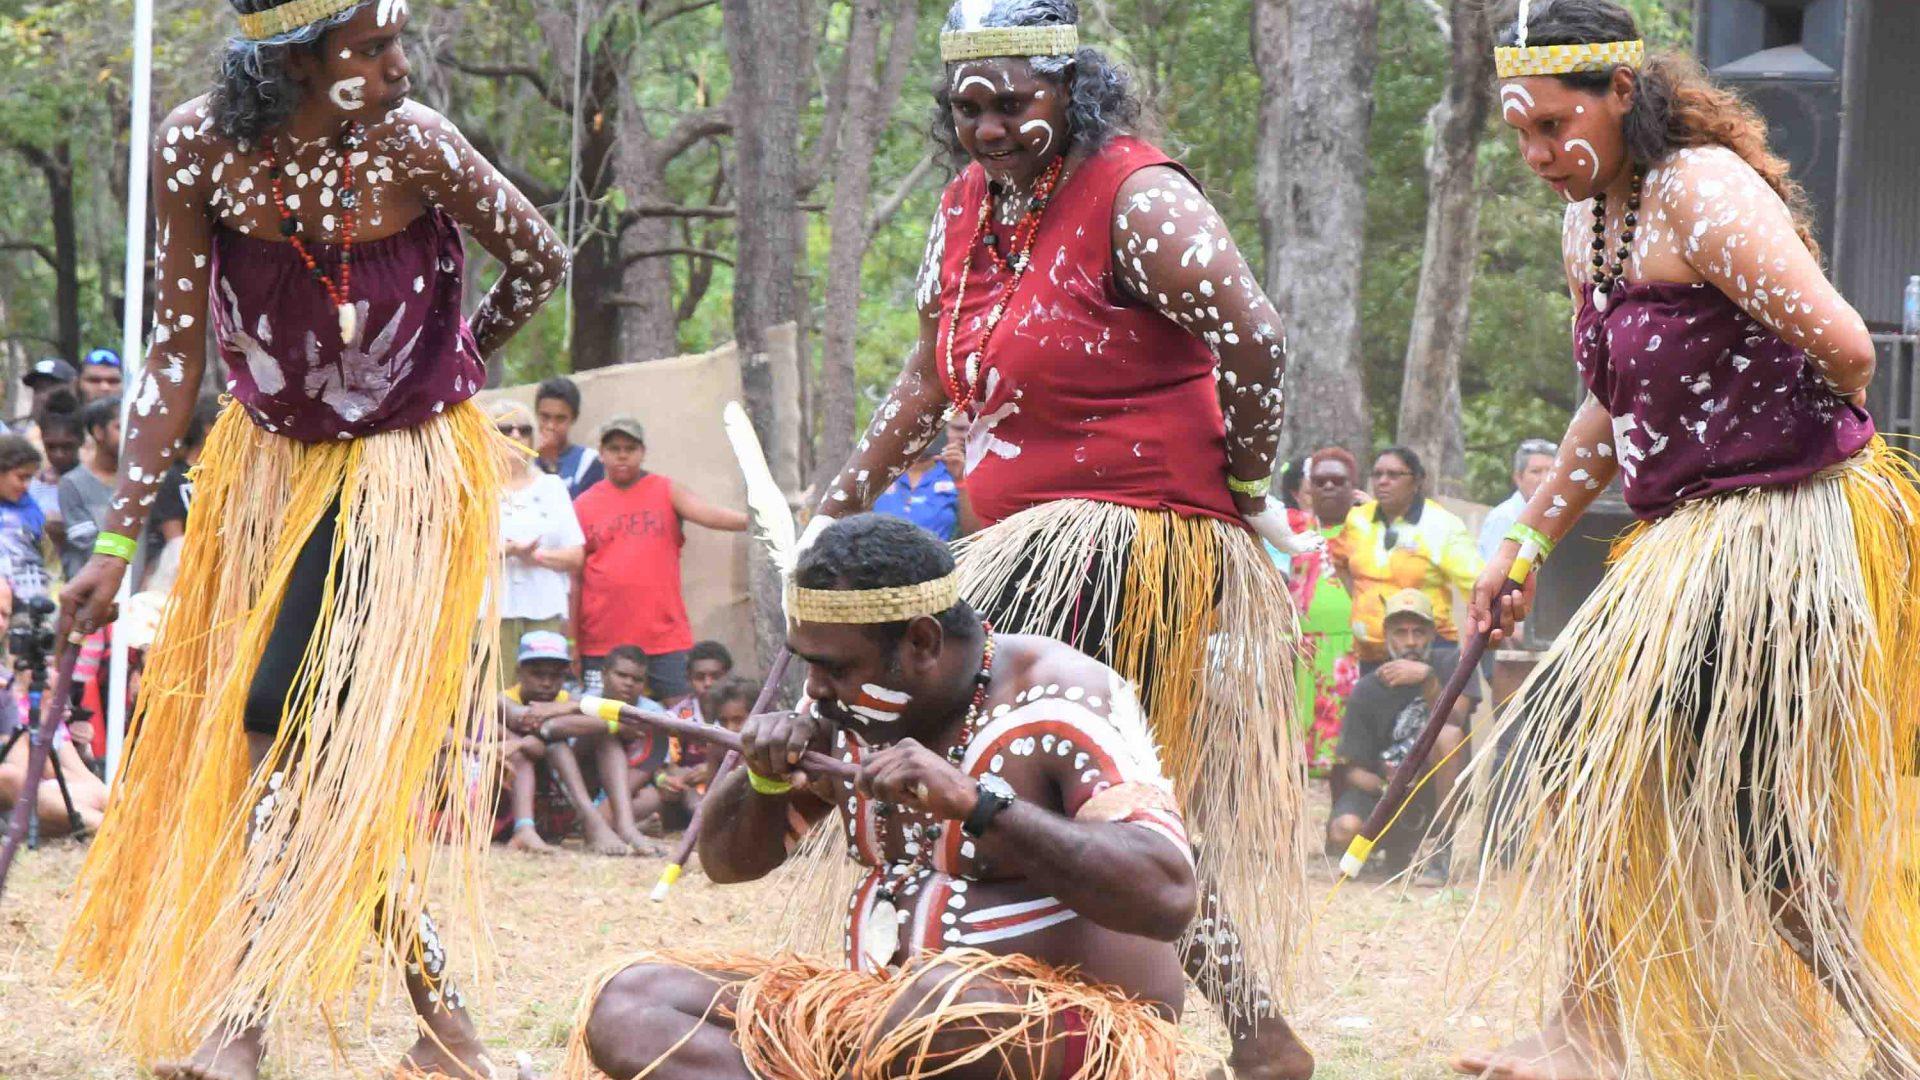 Dancers at the Laura Quinkan Dance Festival.